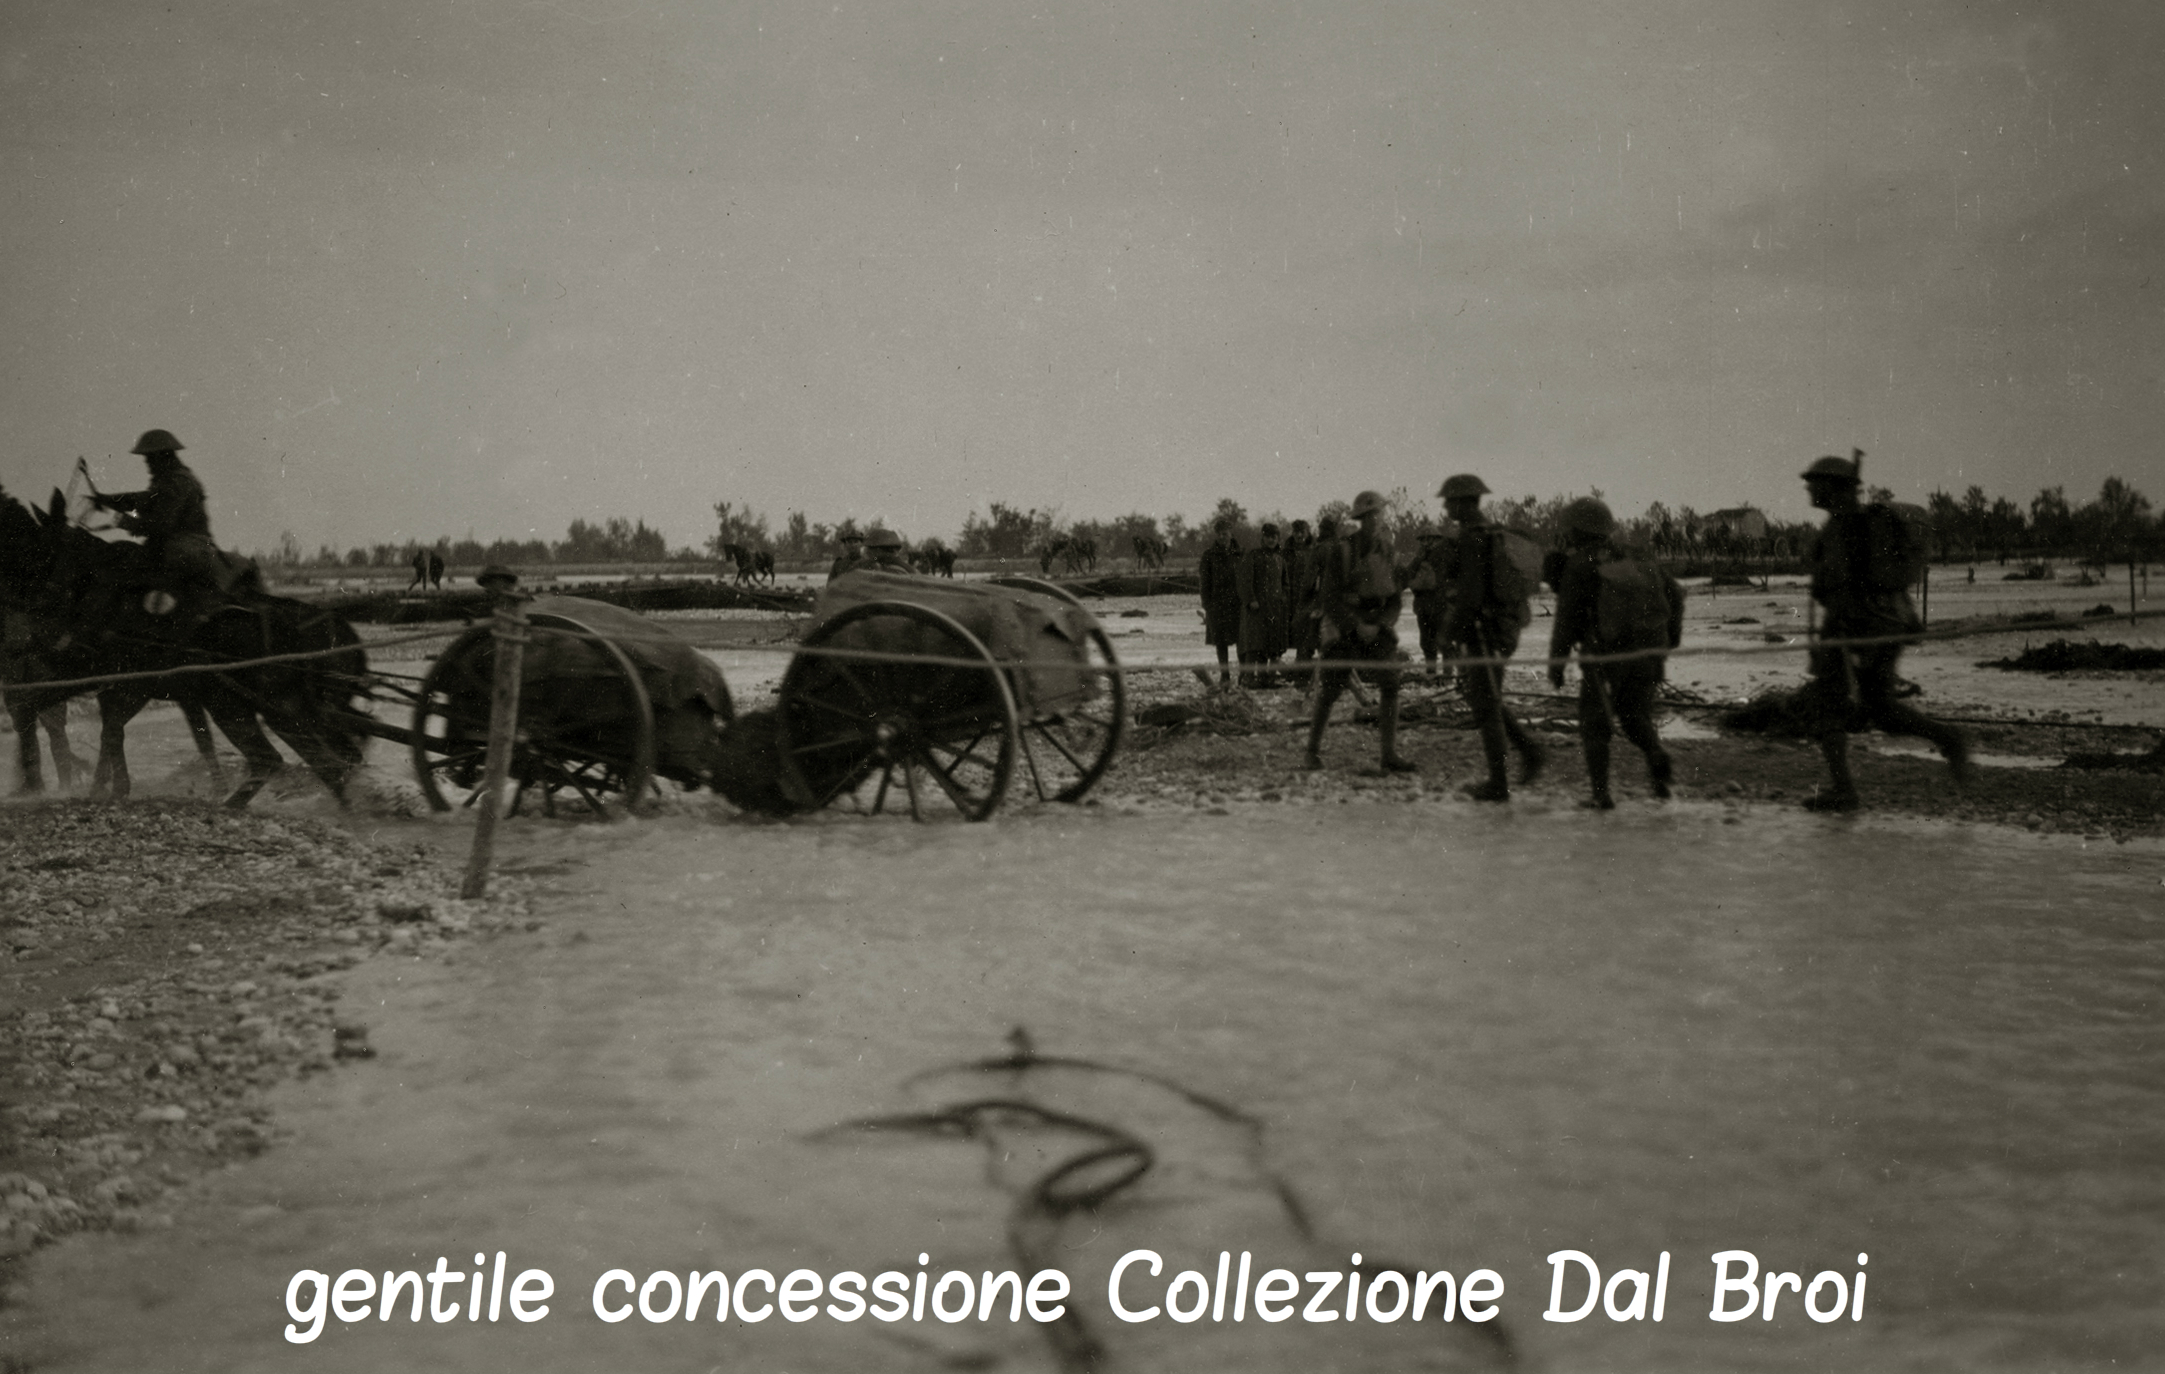 03 - reparti inglesi che attraversano il Piave(ASDM - coll dal Broi).jpg